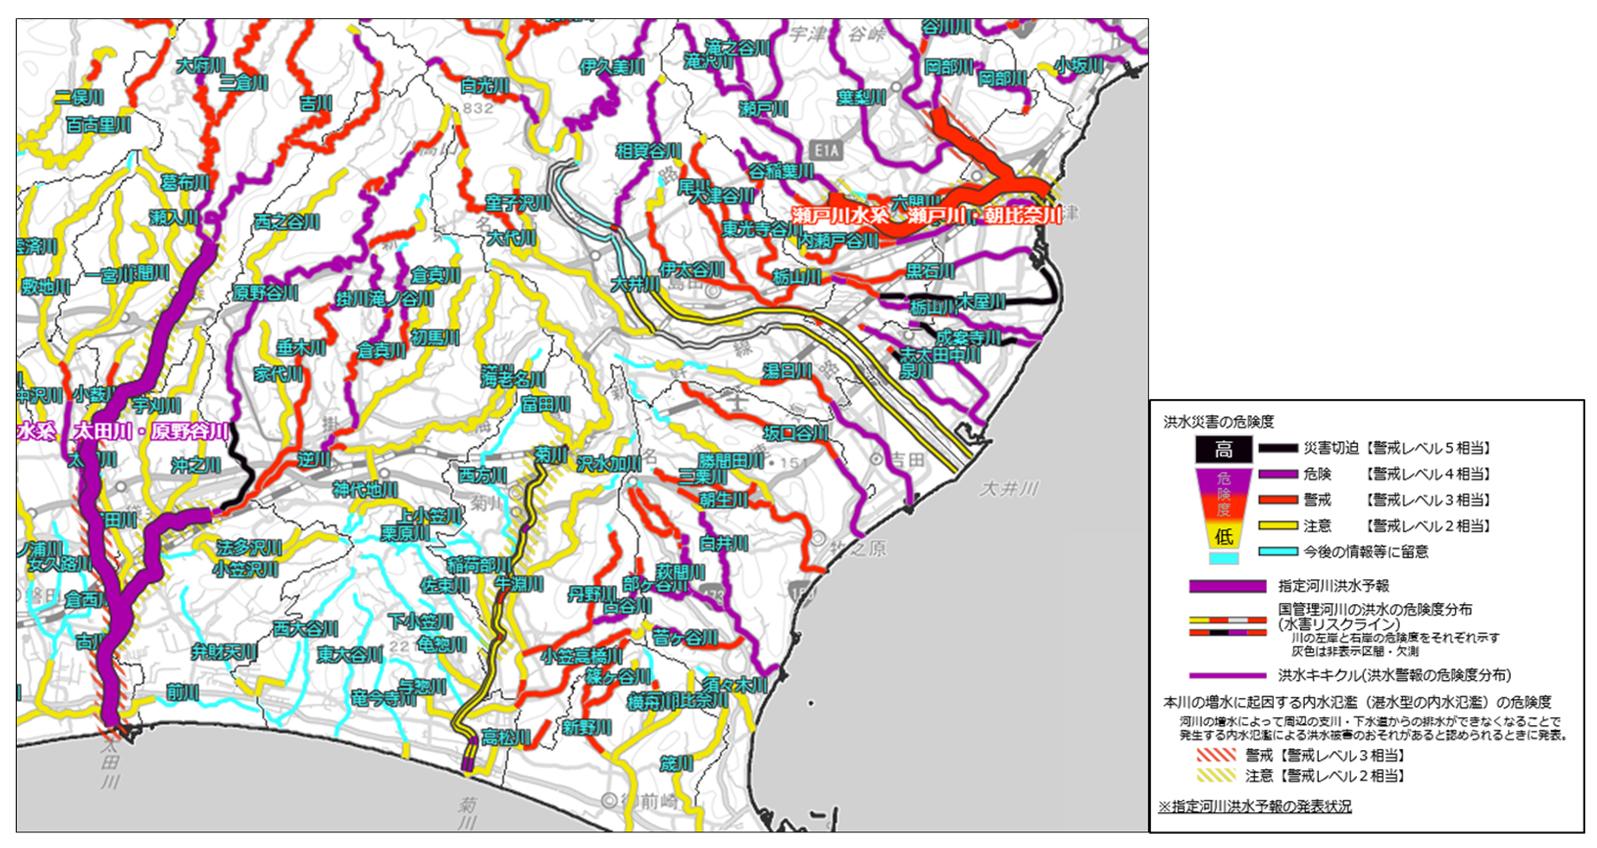 河川 氾濫 マップ